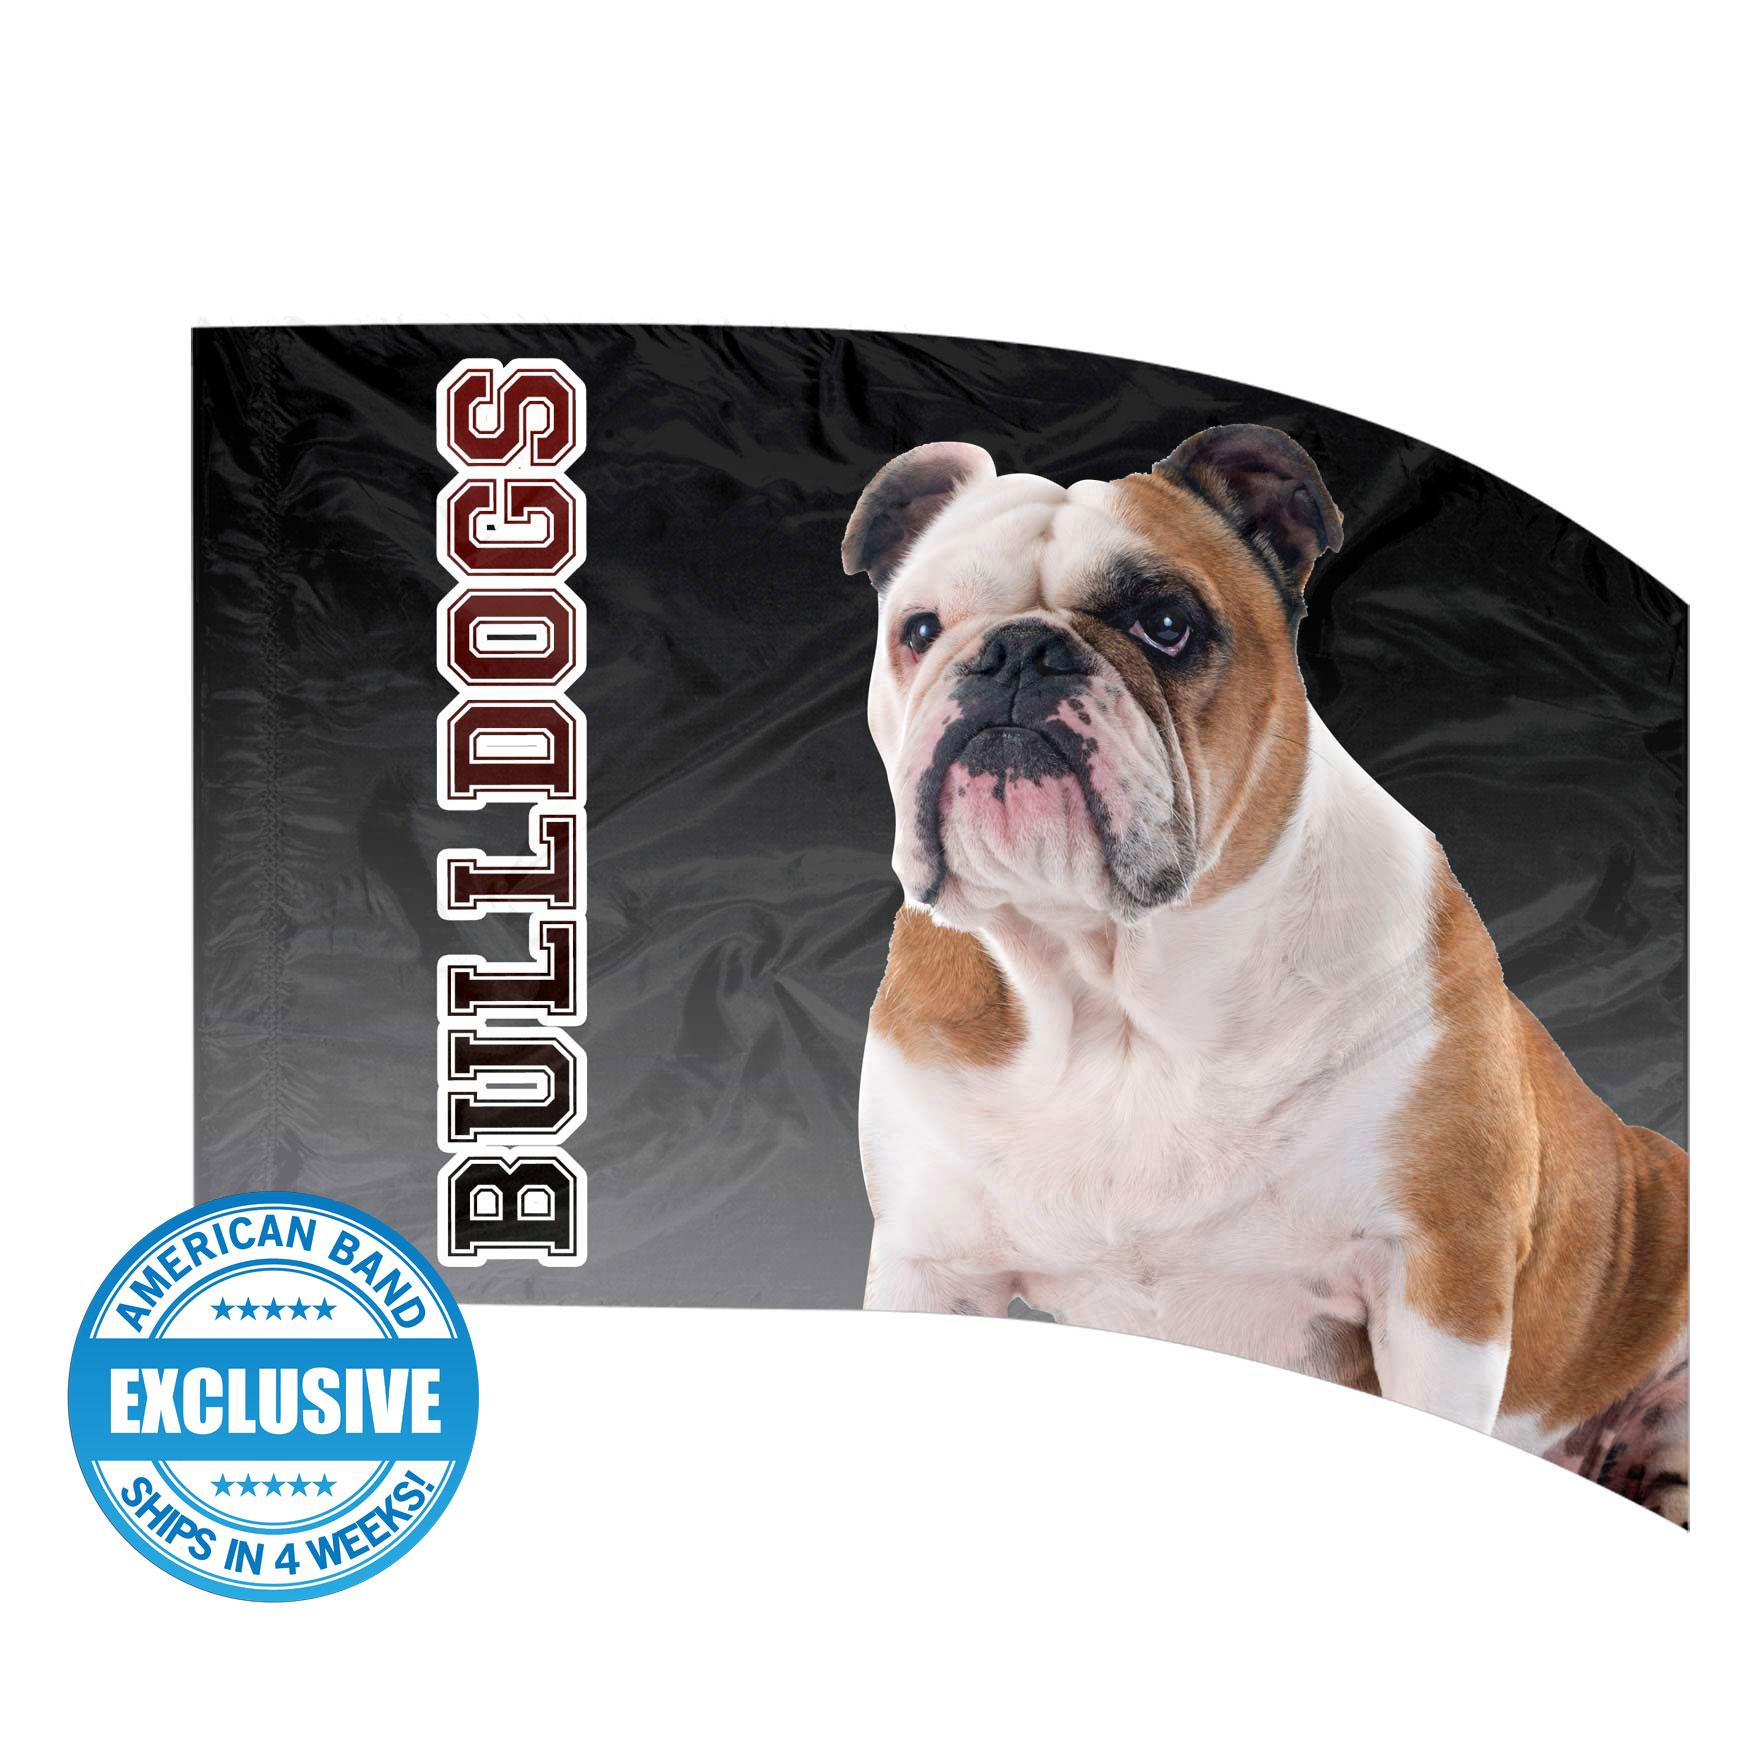 Made-to-Order Digital Mascot Flags - Bulldog